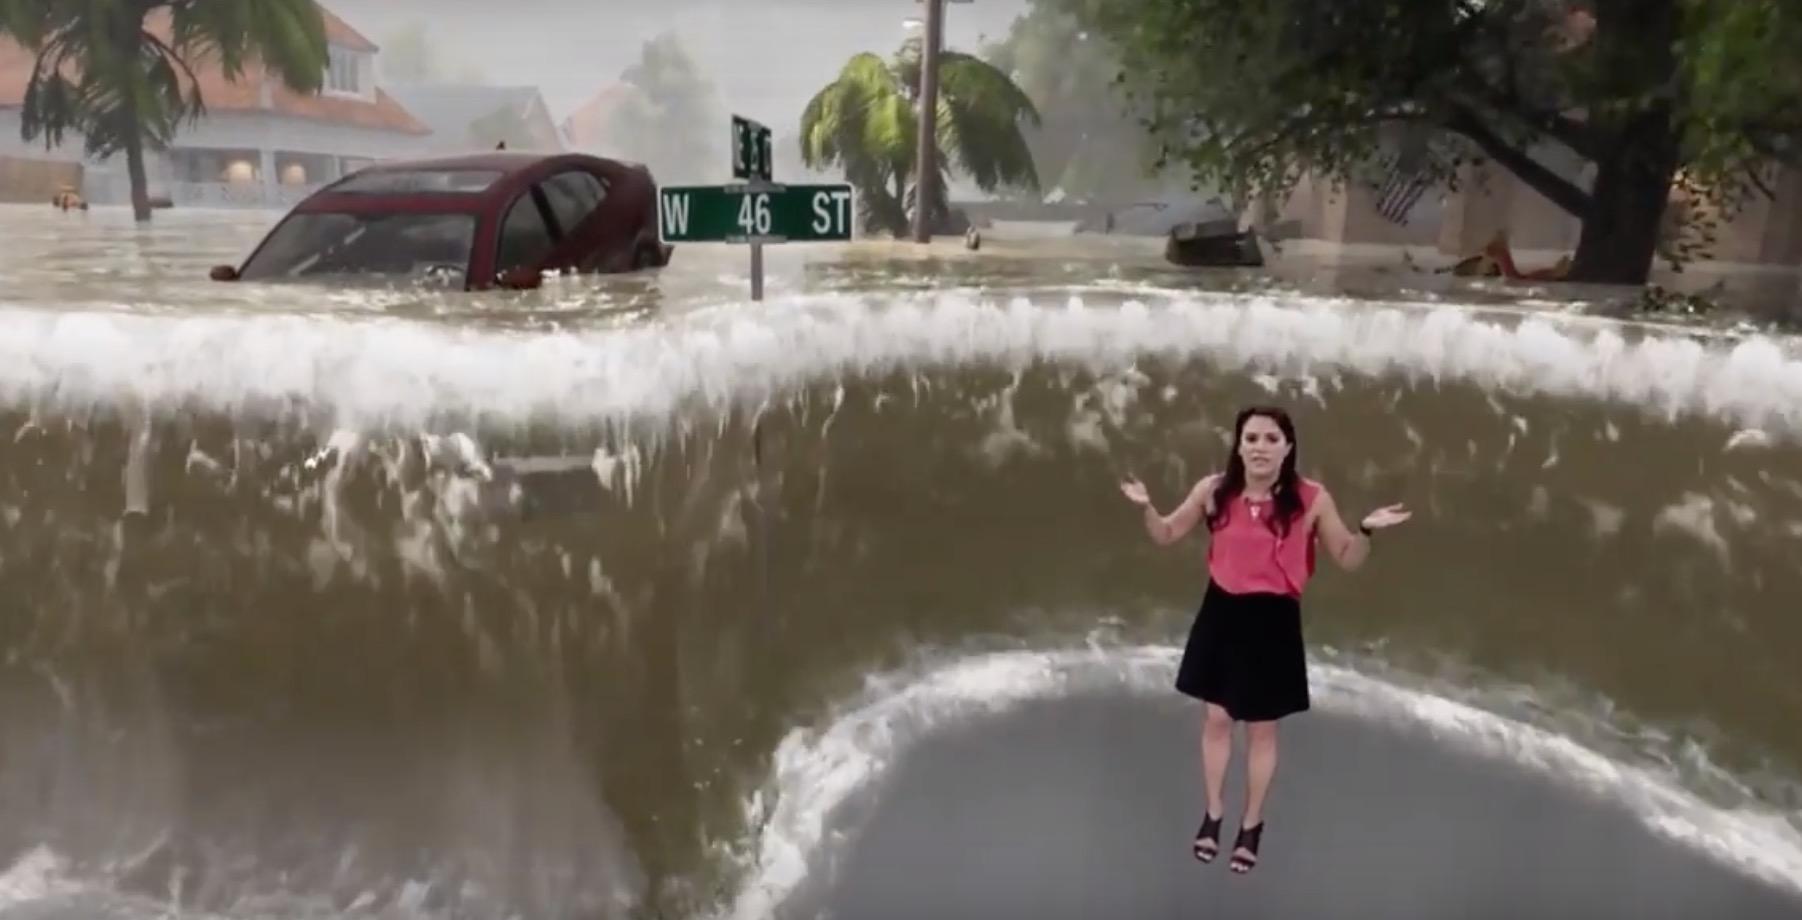 Predpoveď počasia novej generácie? Americká televízia straší divákov